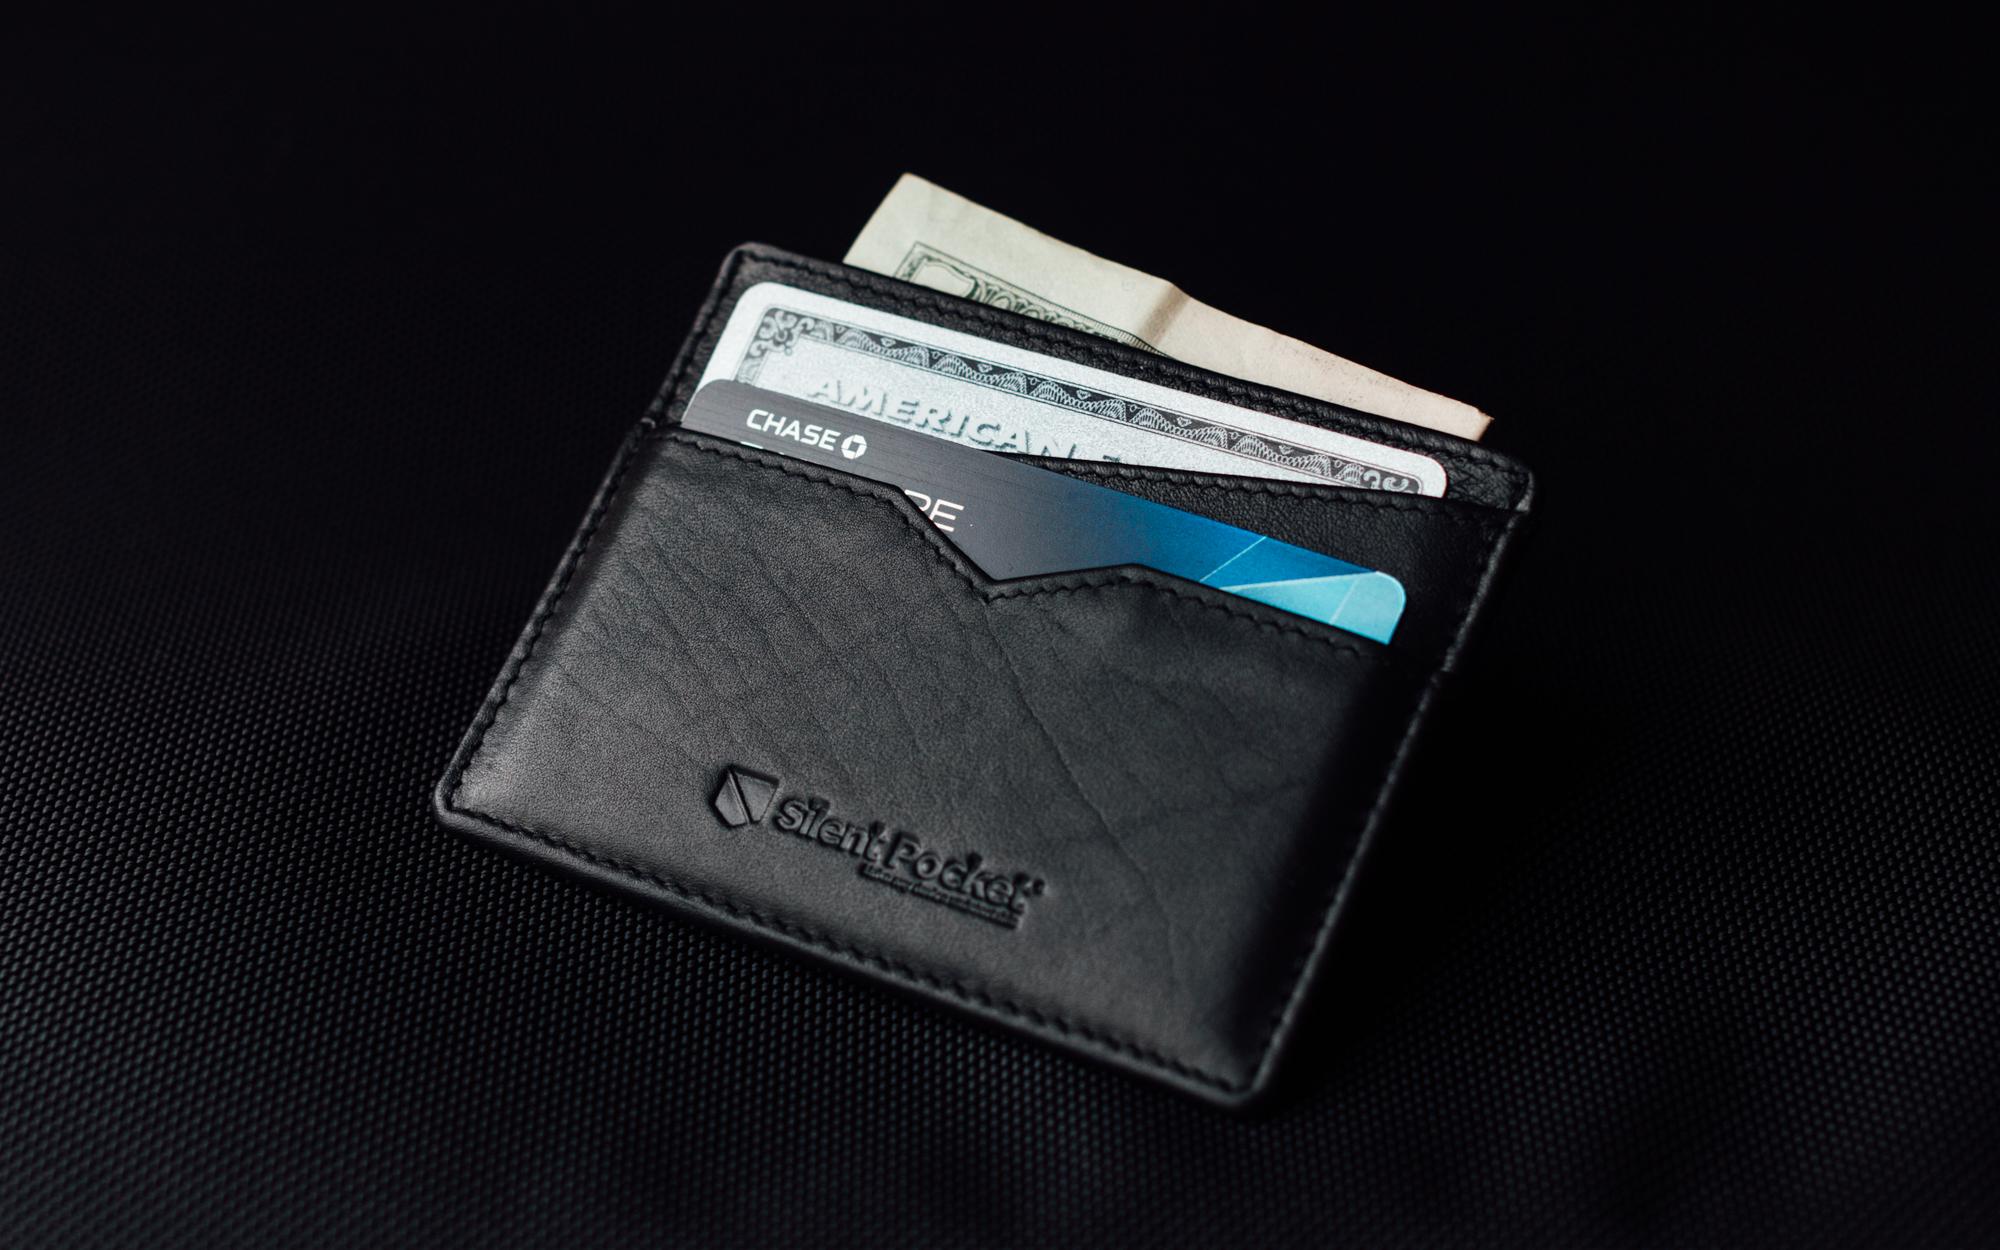 Silent Pocket Secure Simple Wallet